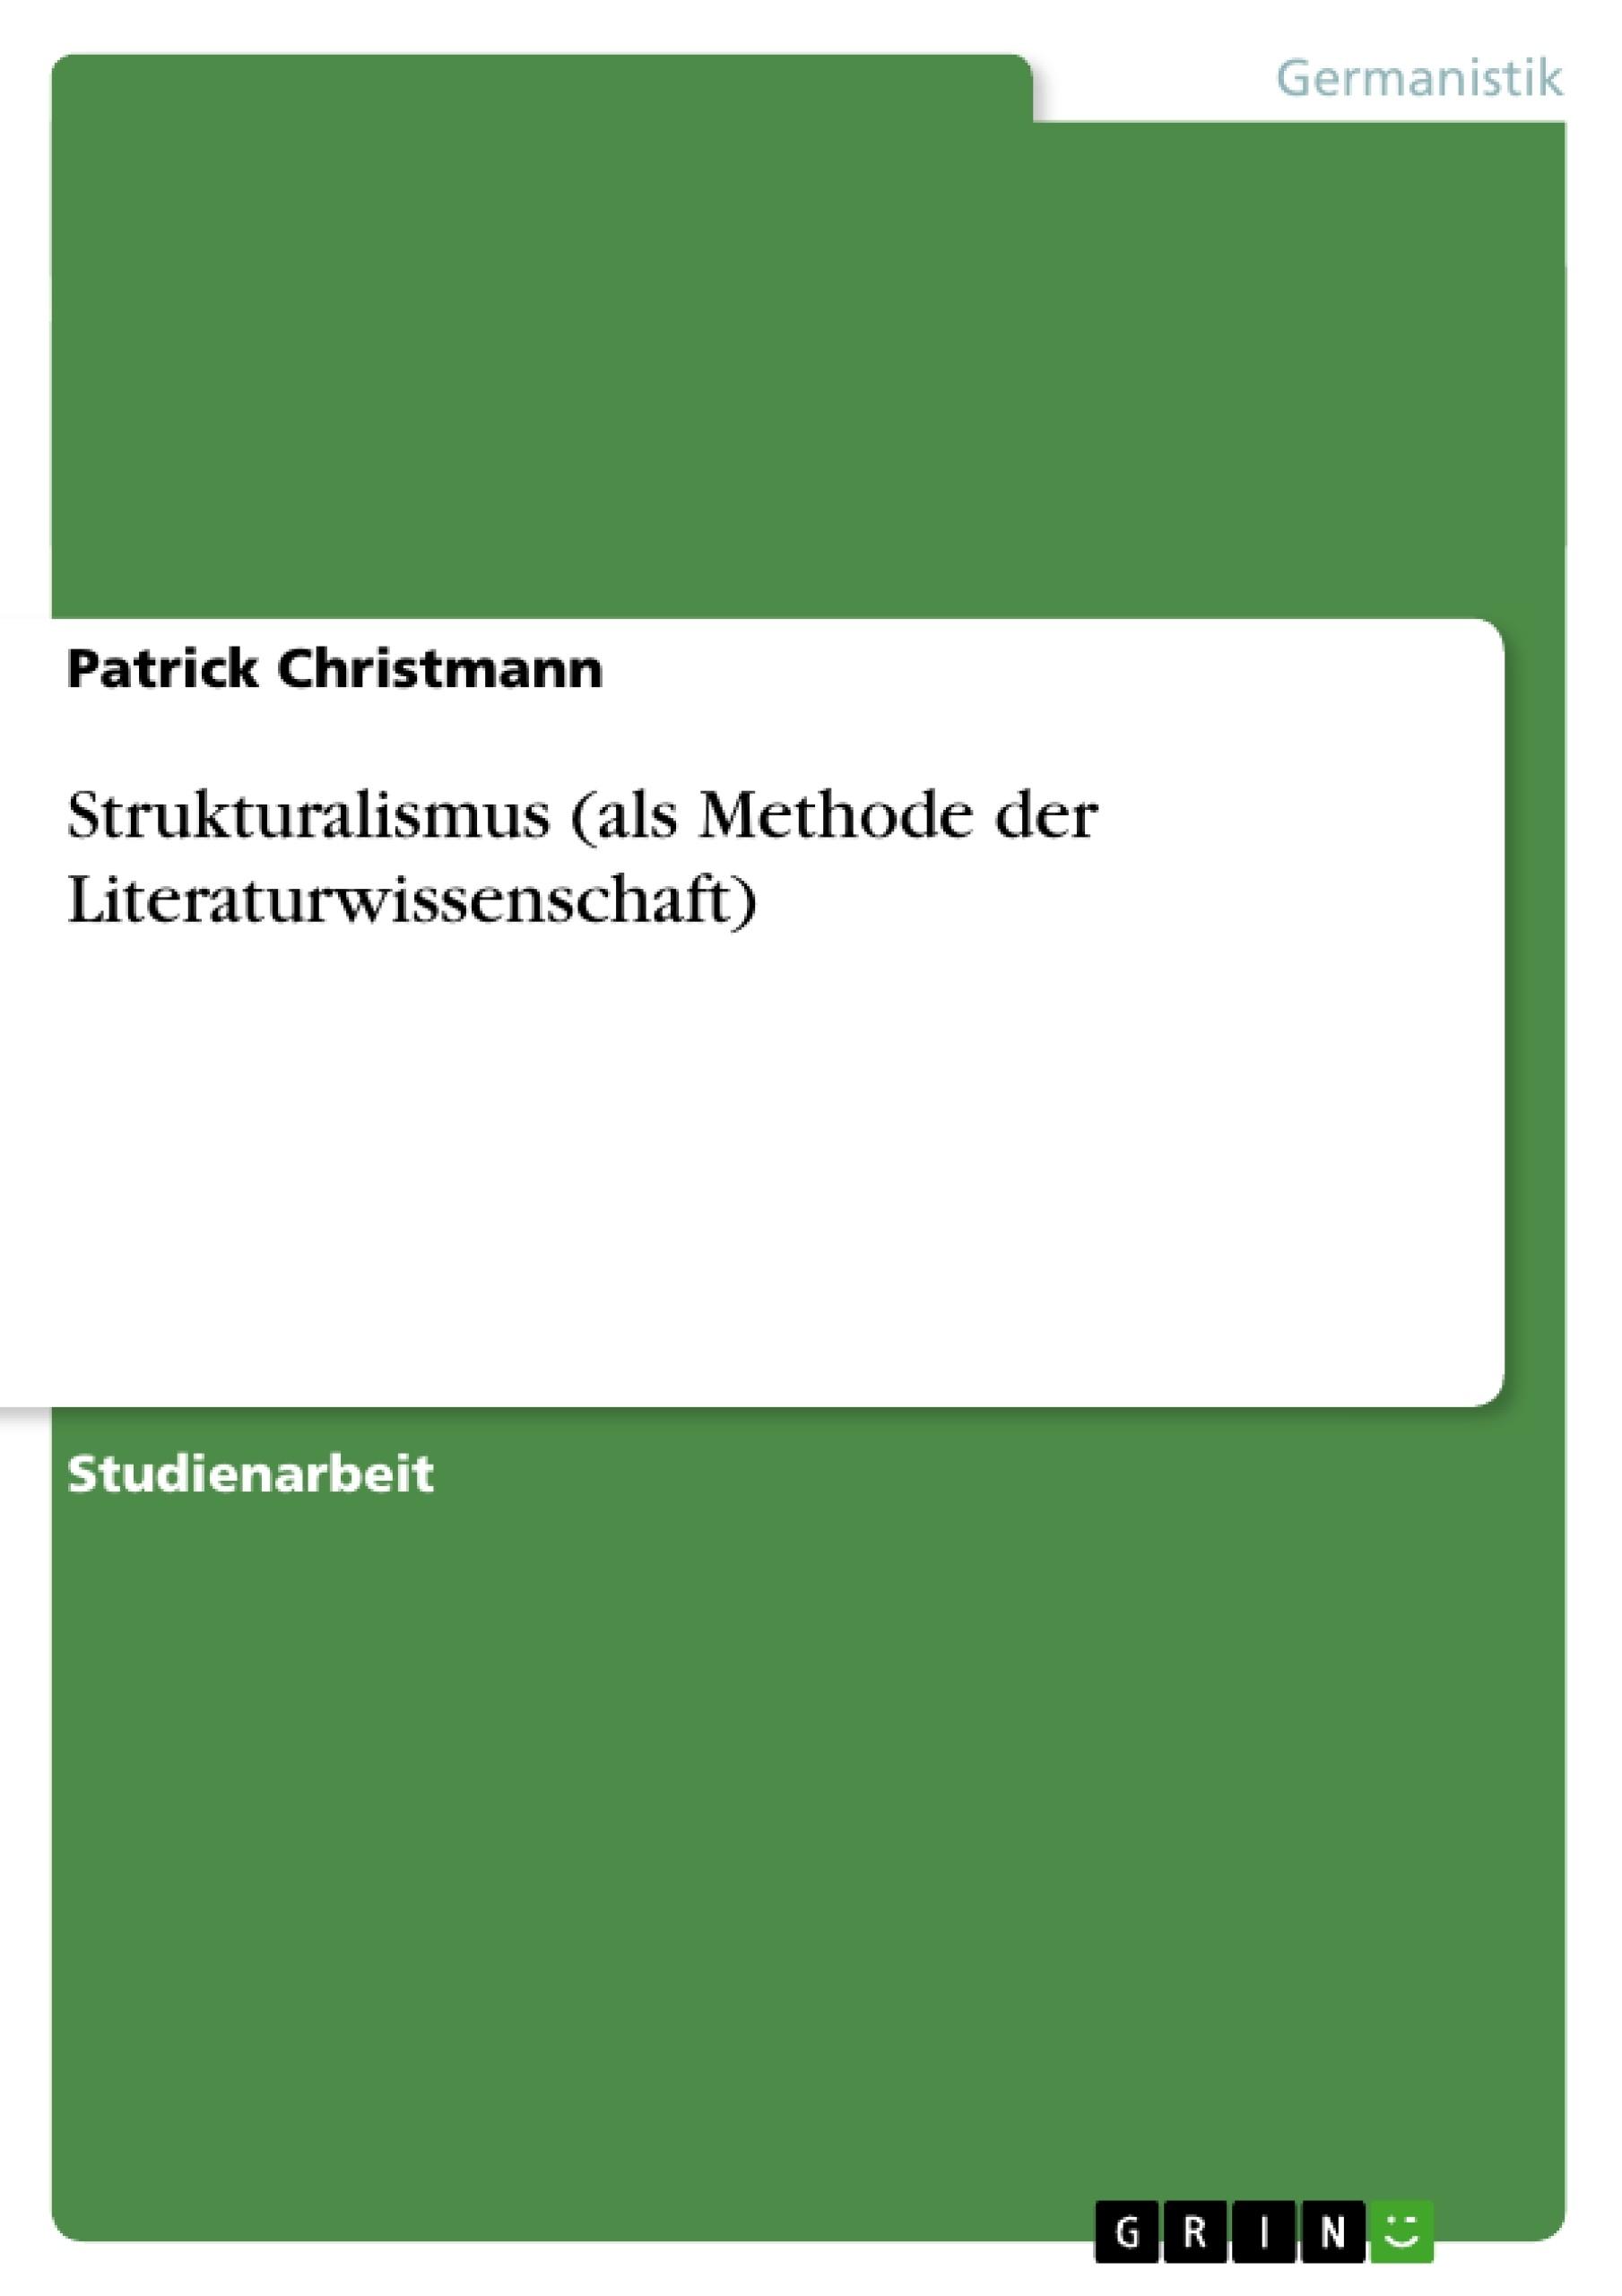 Titel: Strukturalismus (als Methode der Literaturwissenschaft)